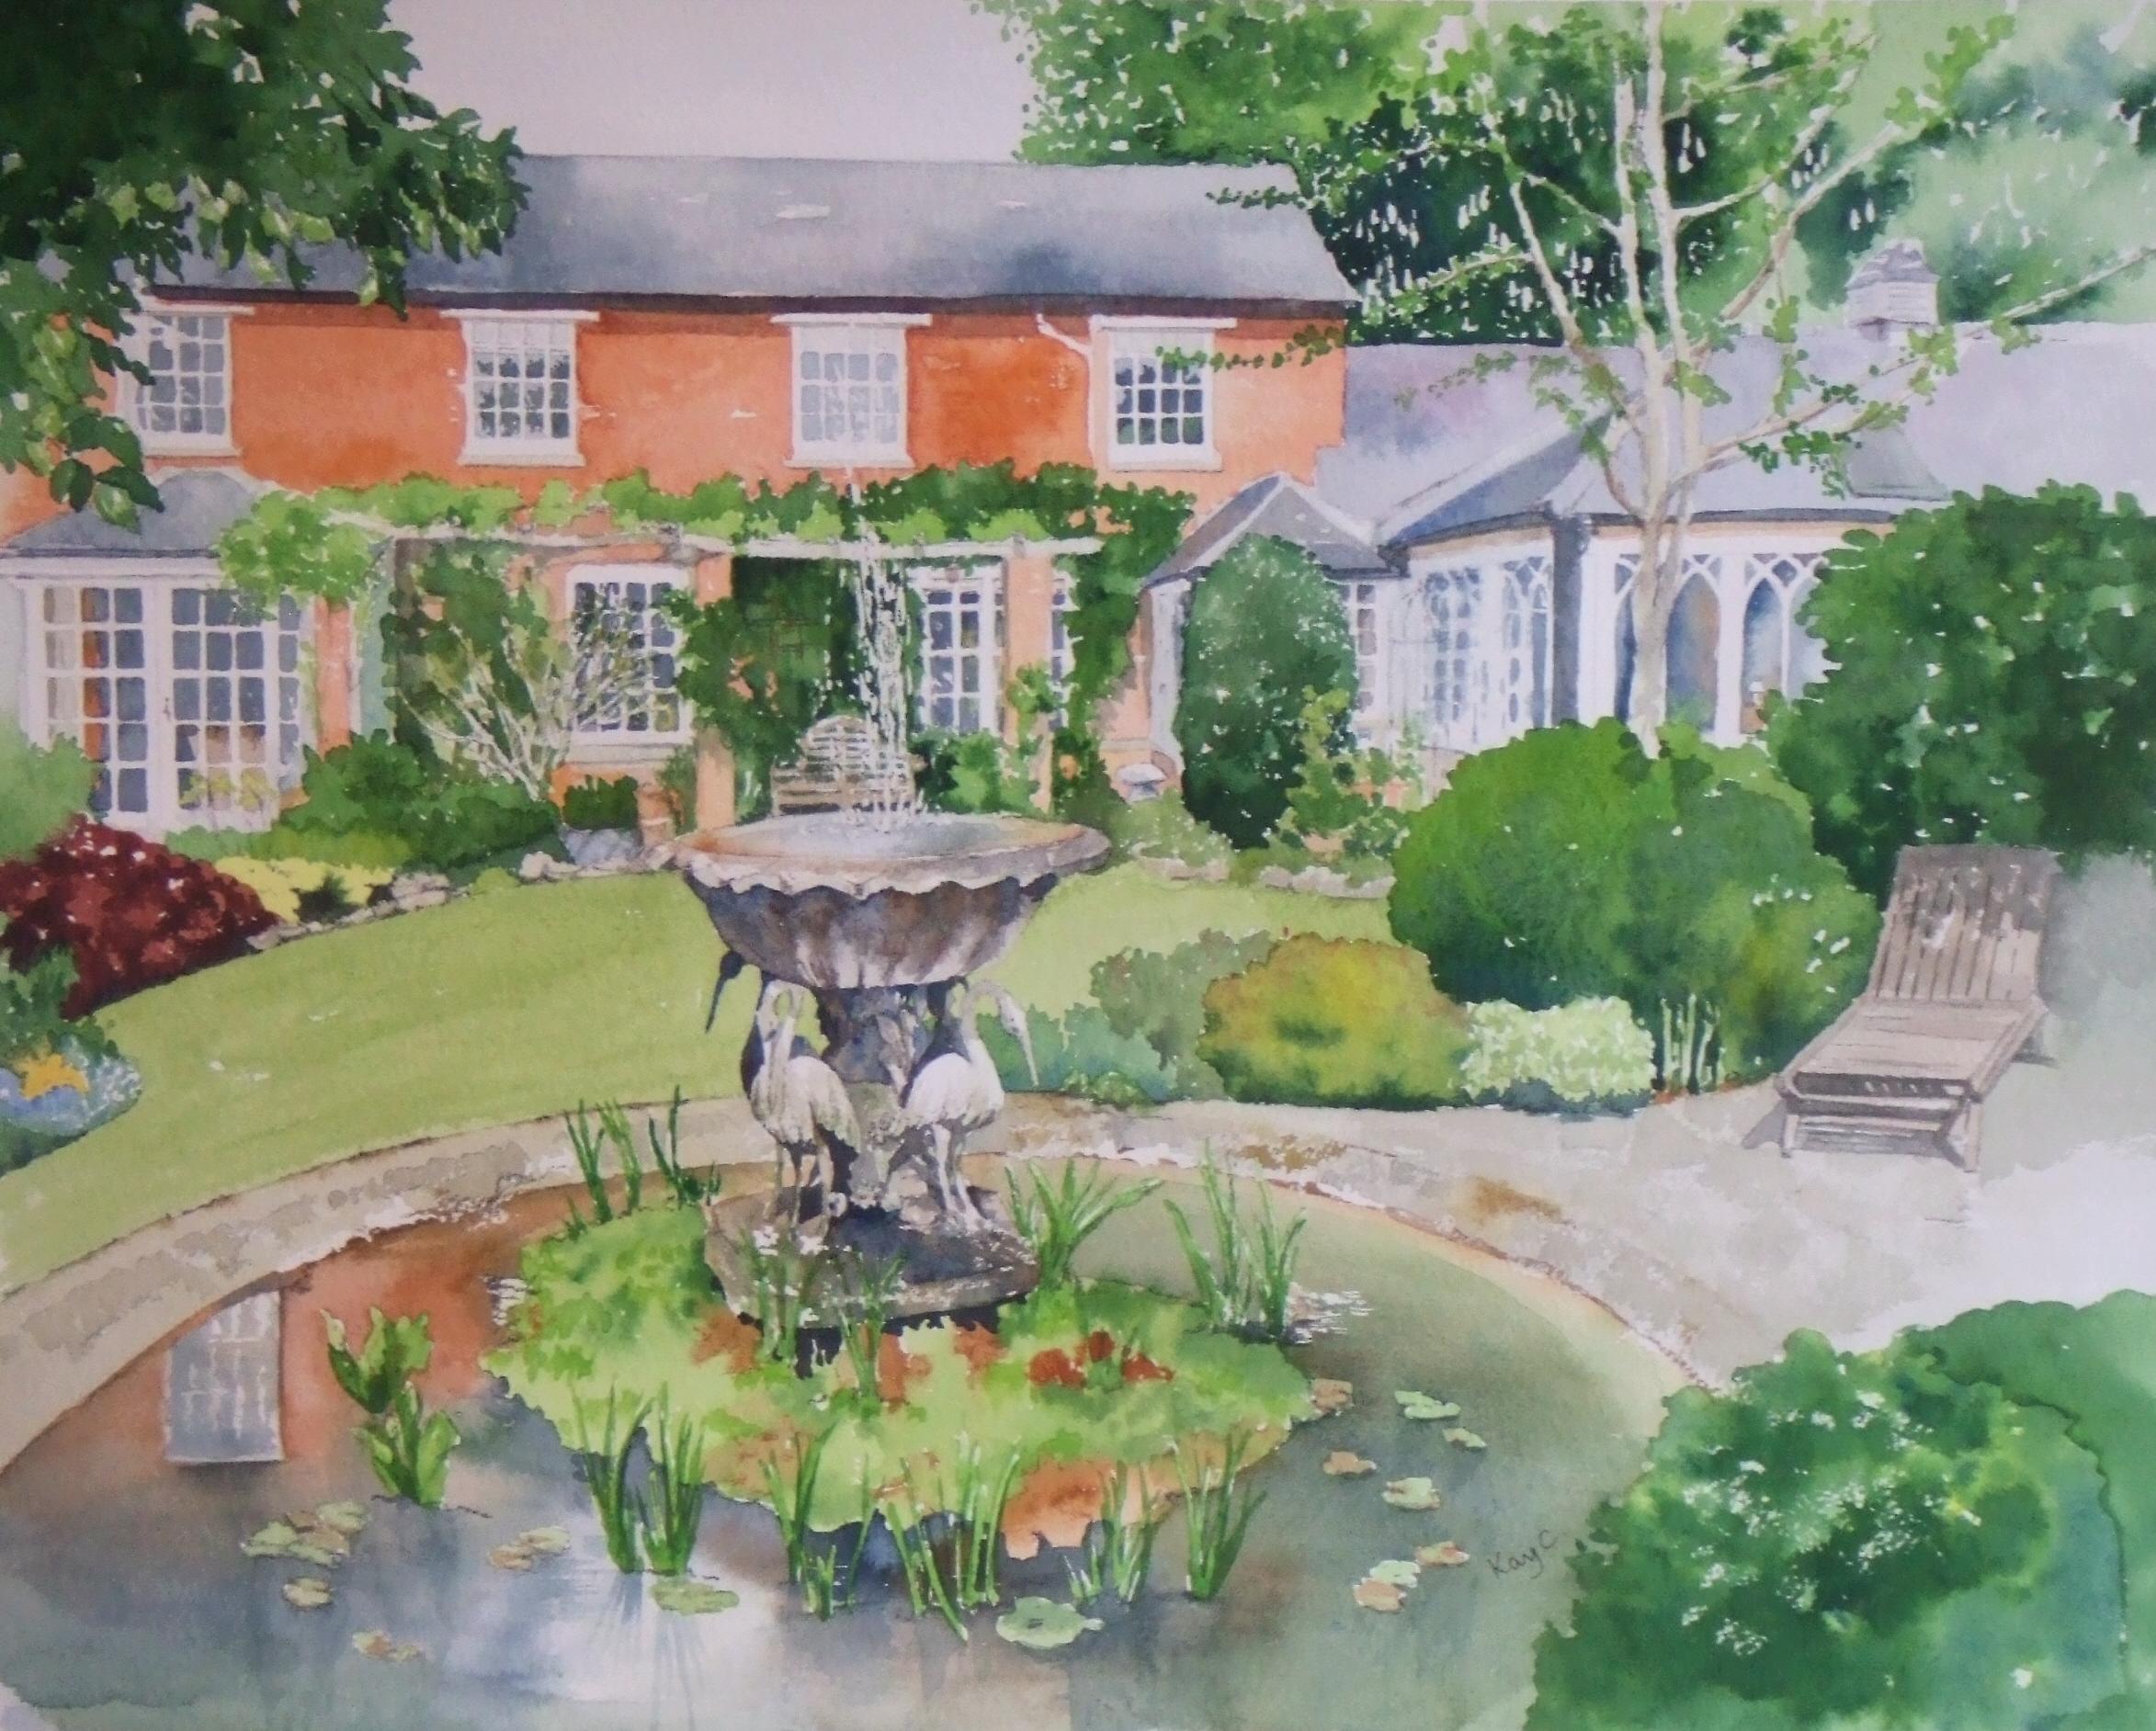 Stokes House